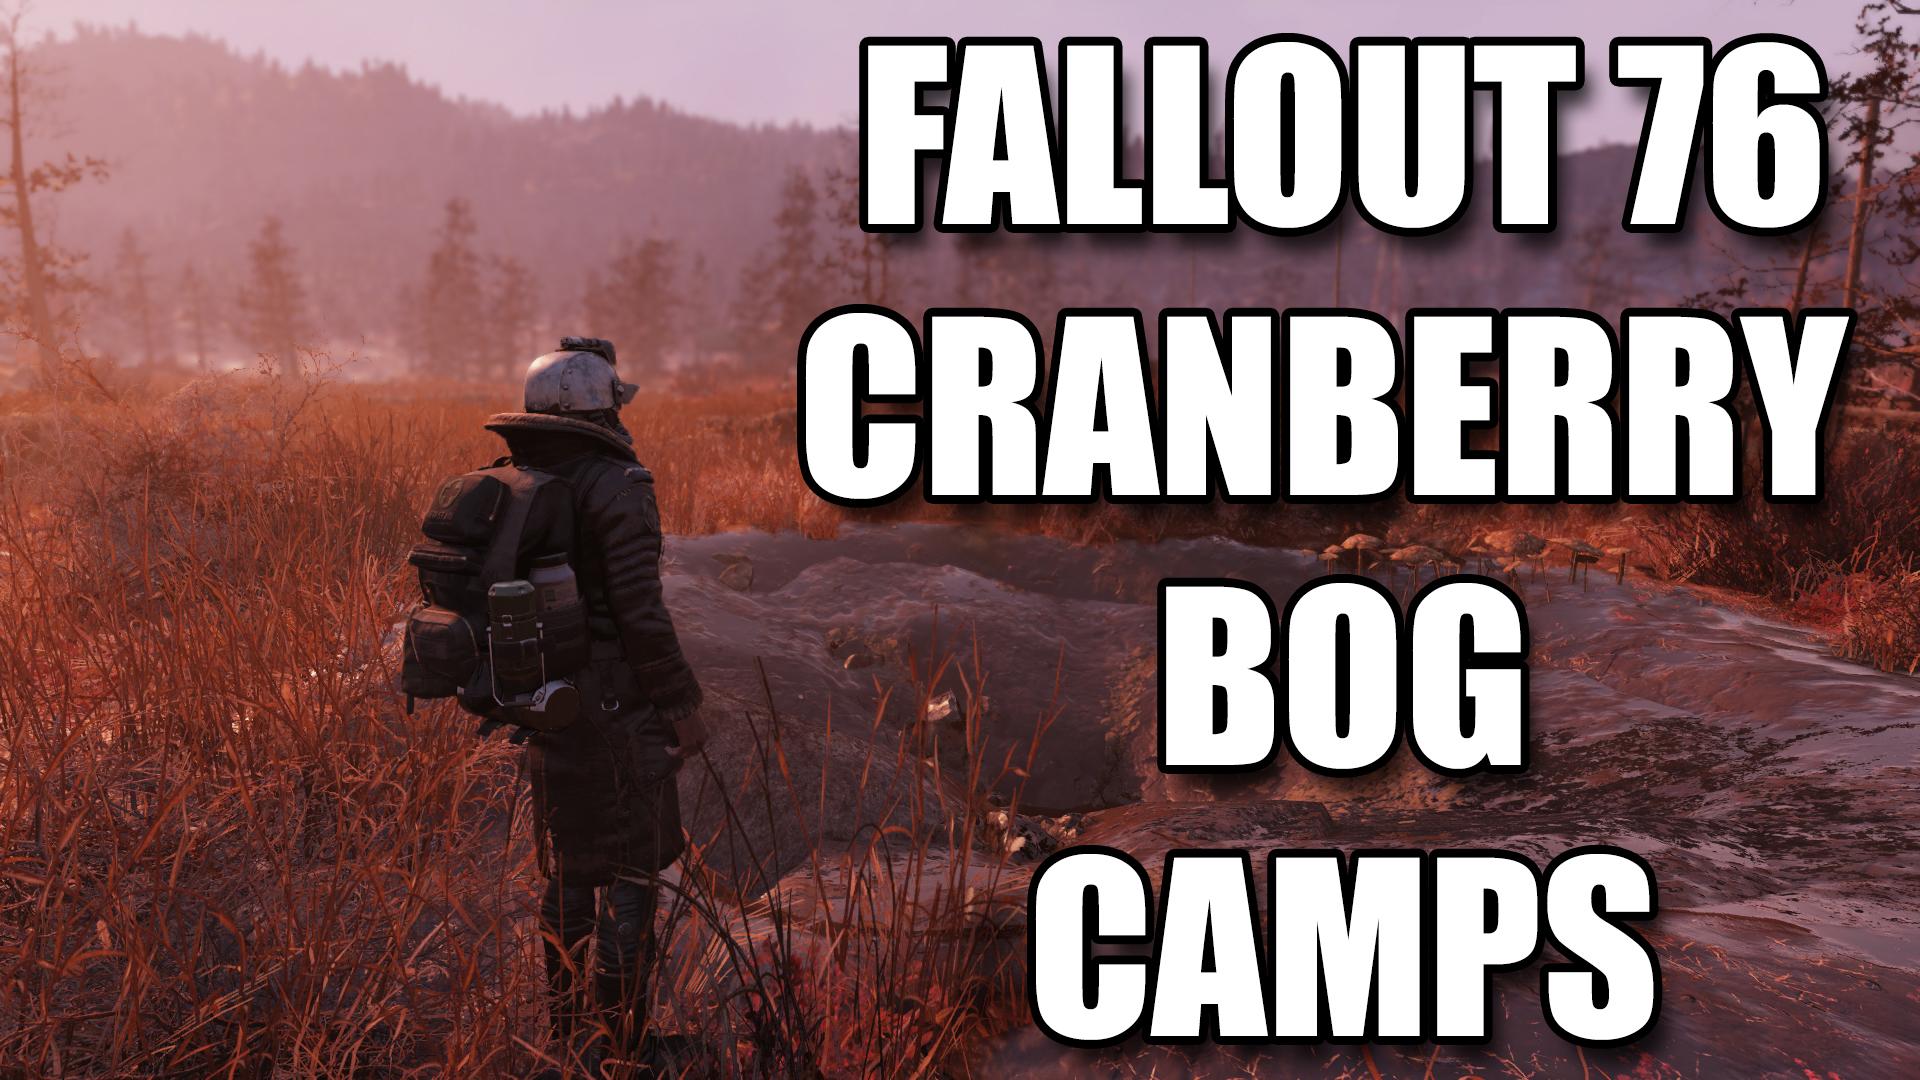 Fallout 76 Cranberry Bog